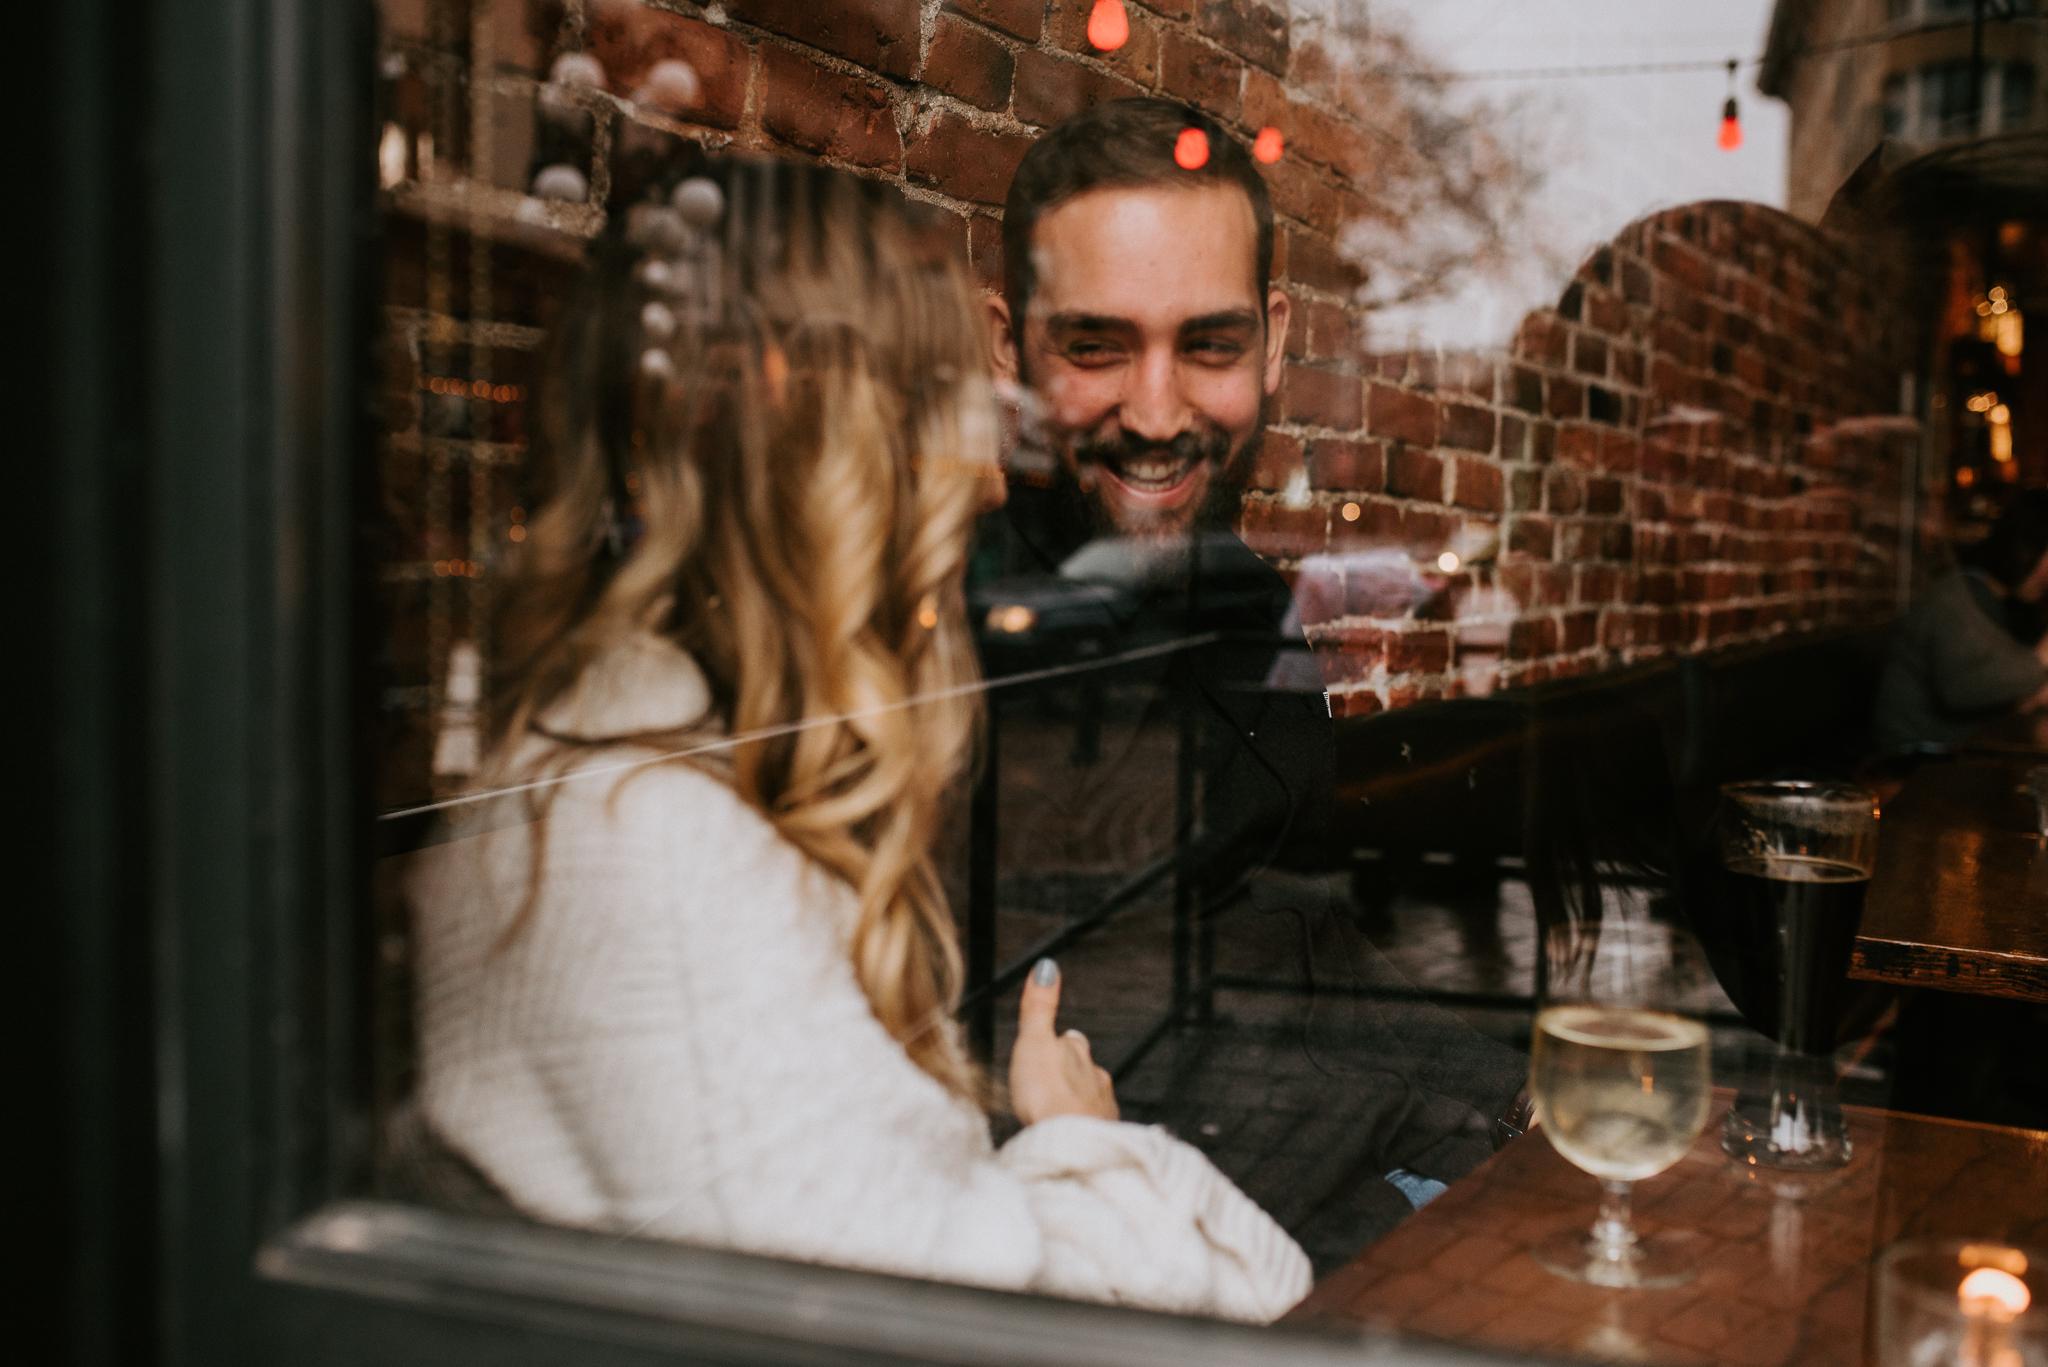 Amanda & Eric Gastown Vancouver Engagement Session - Laura Olson Photography - Sunshine Coast BC Photographer - Vancouver Photographer-1903.jpg